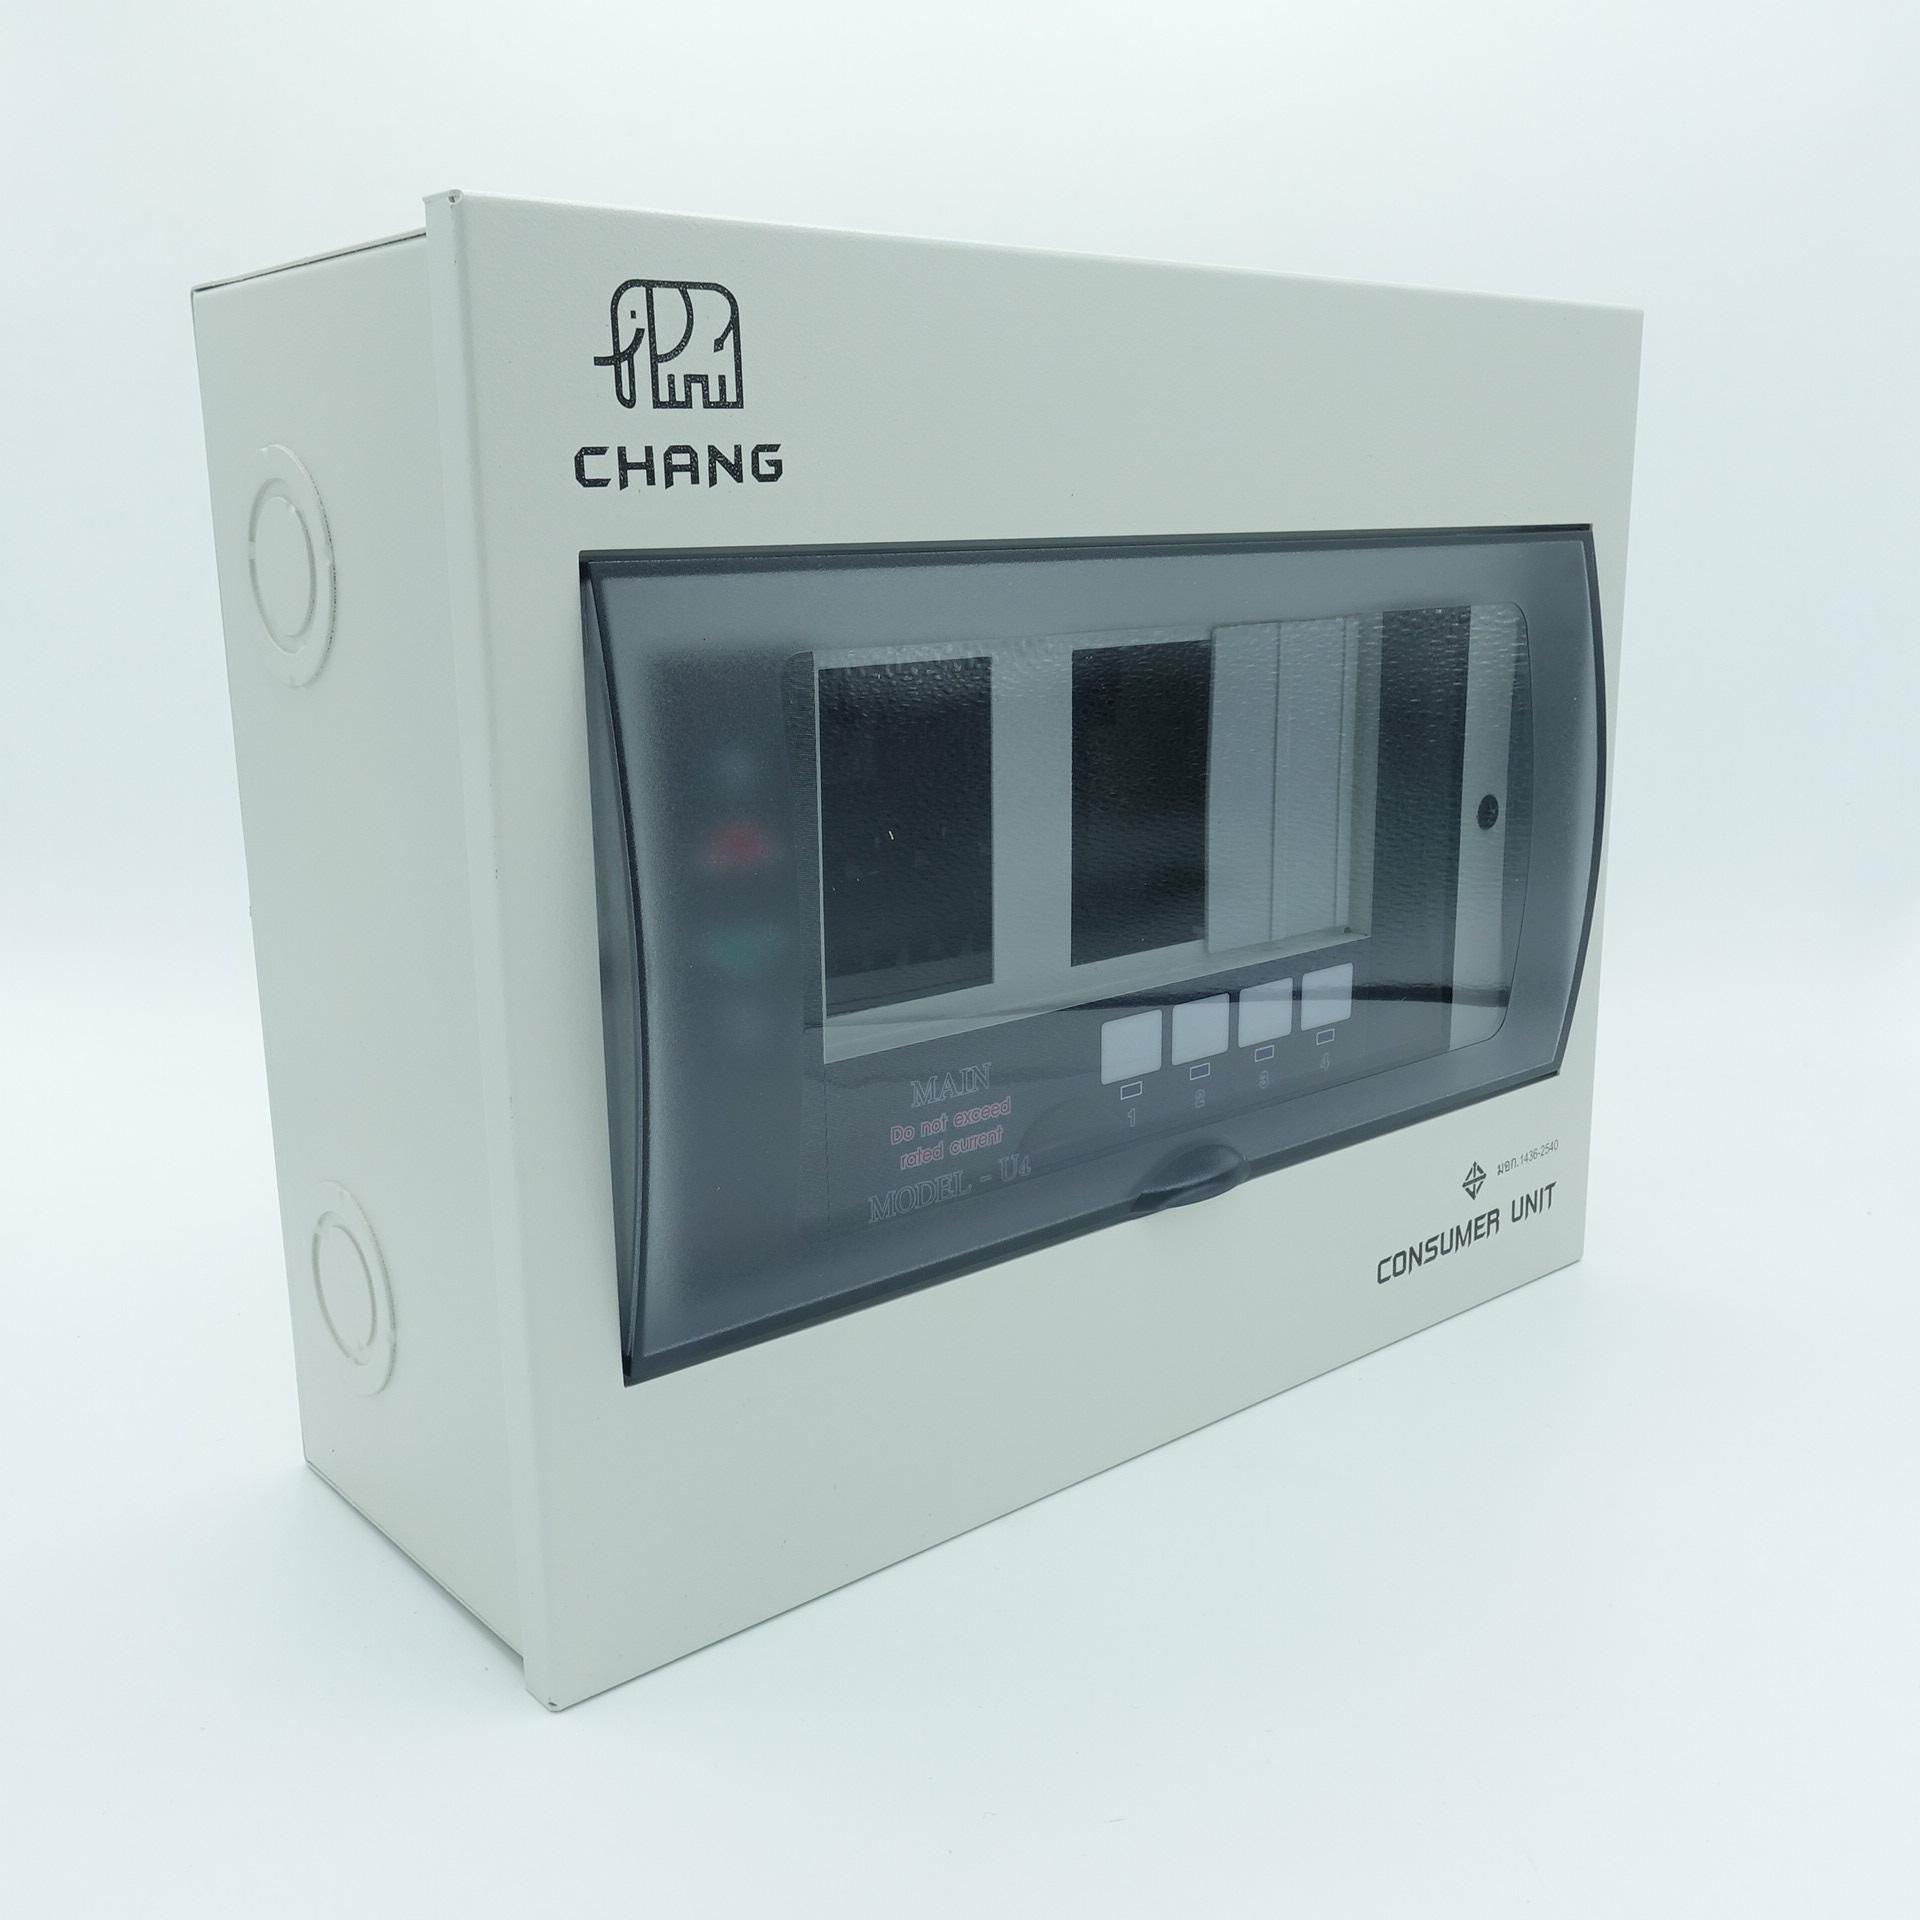 Consumer Unit 2P 4 ช่อง ช้าง รุ่น U